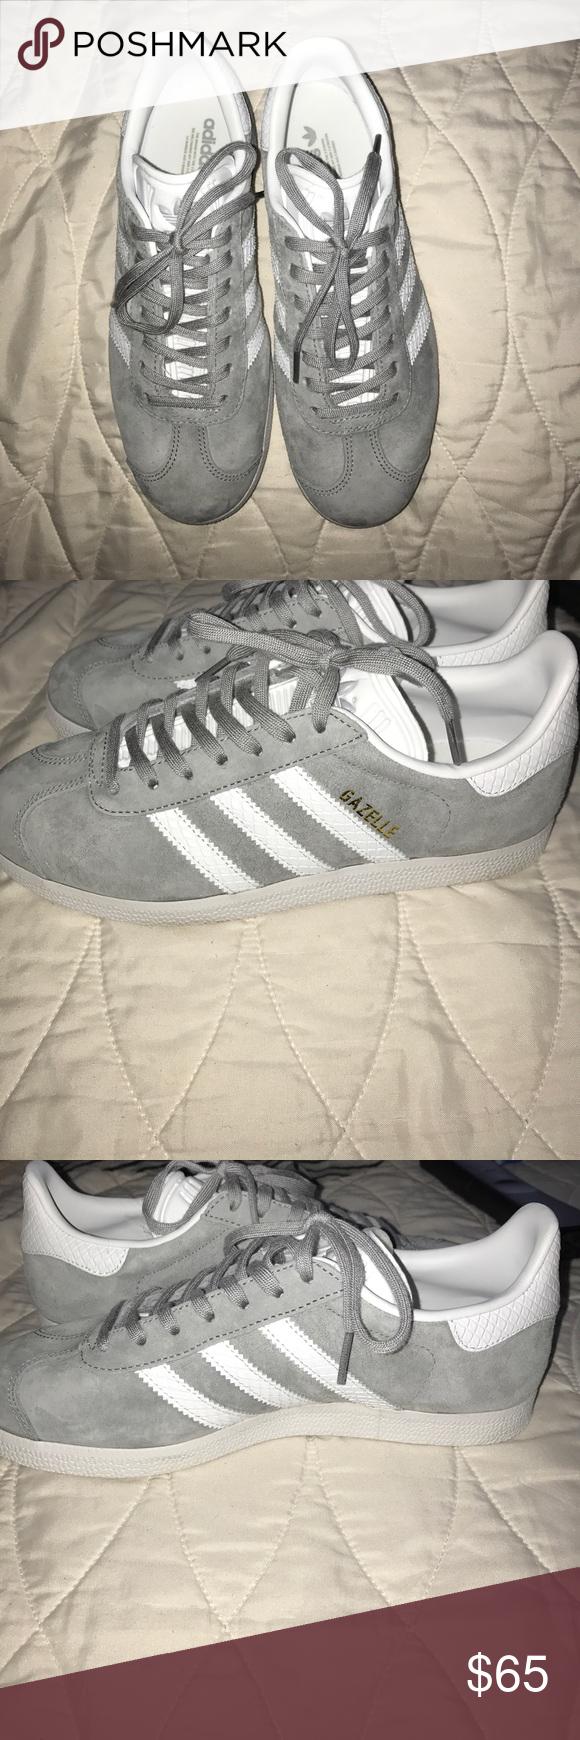 adidas gazelle grey 7.5